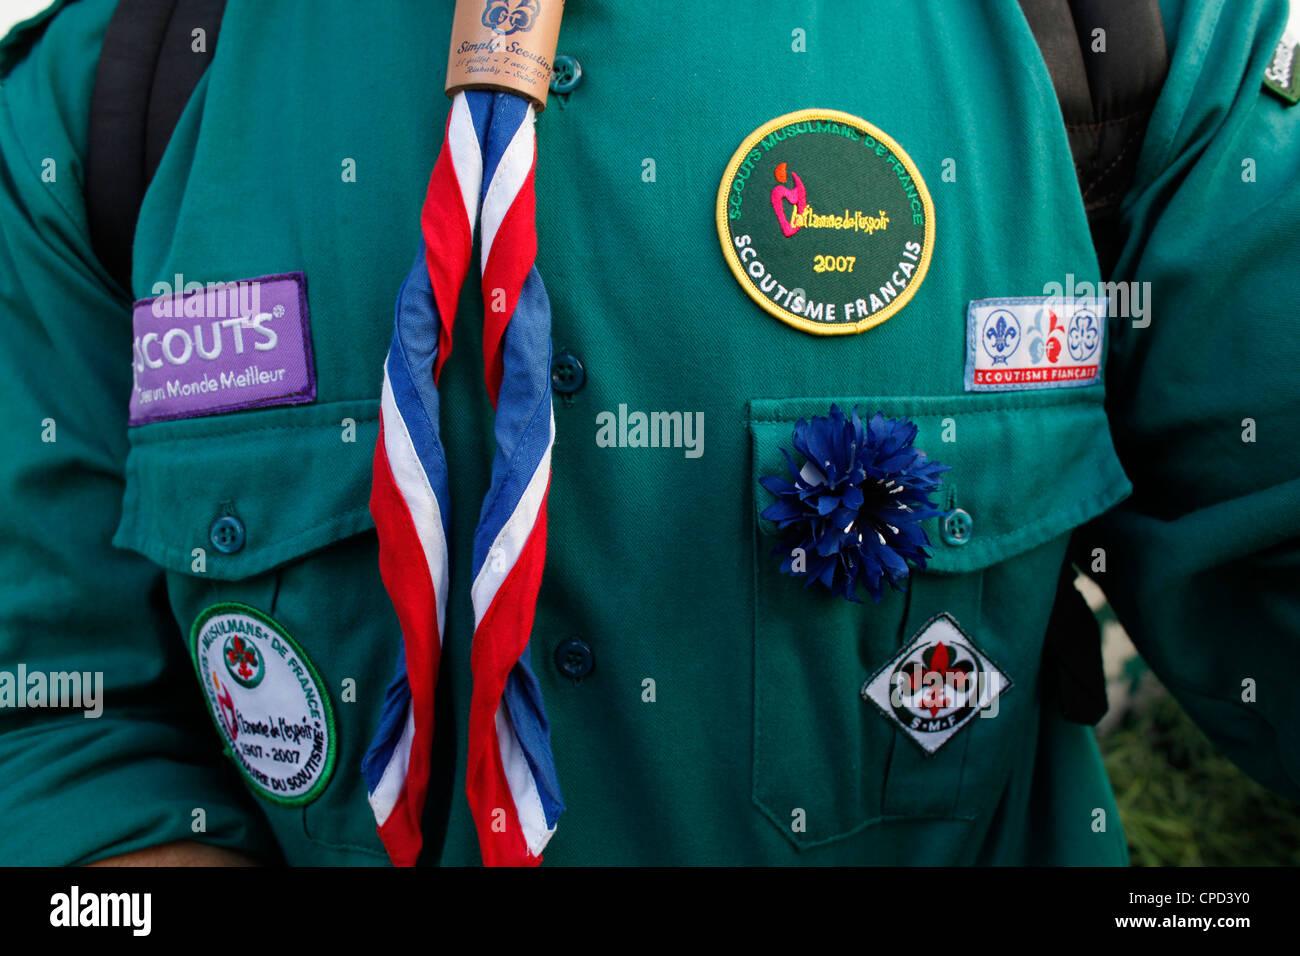 Scout musulmana francesa, París, Francia, Europa Imagen De Stock